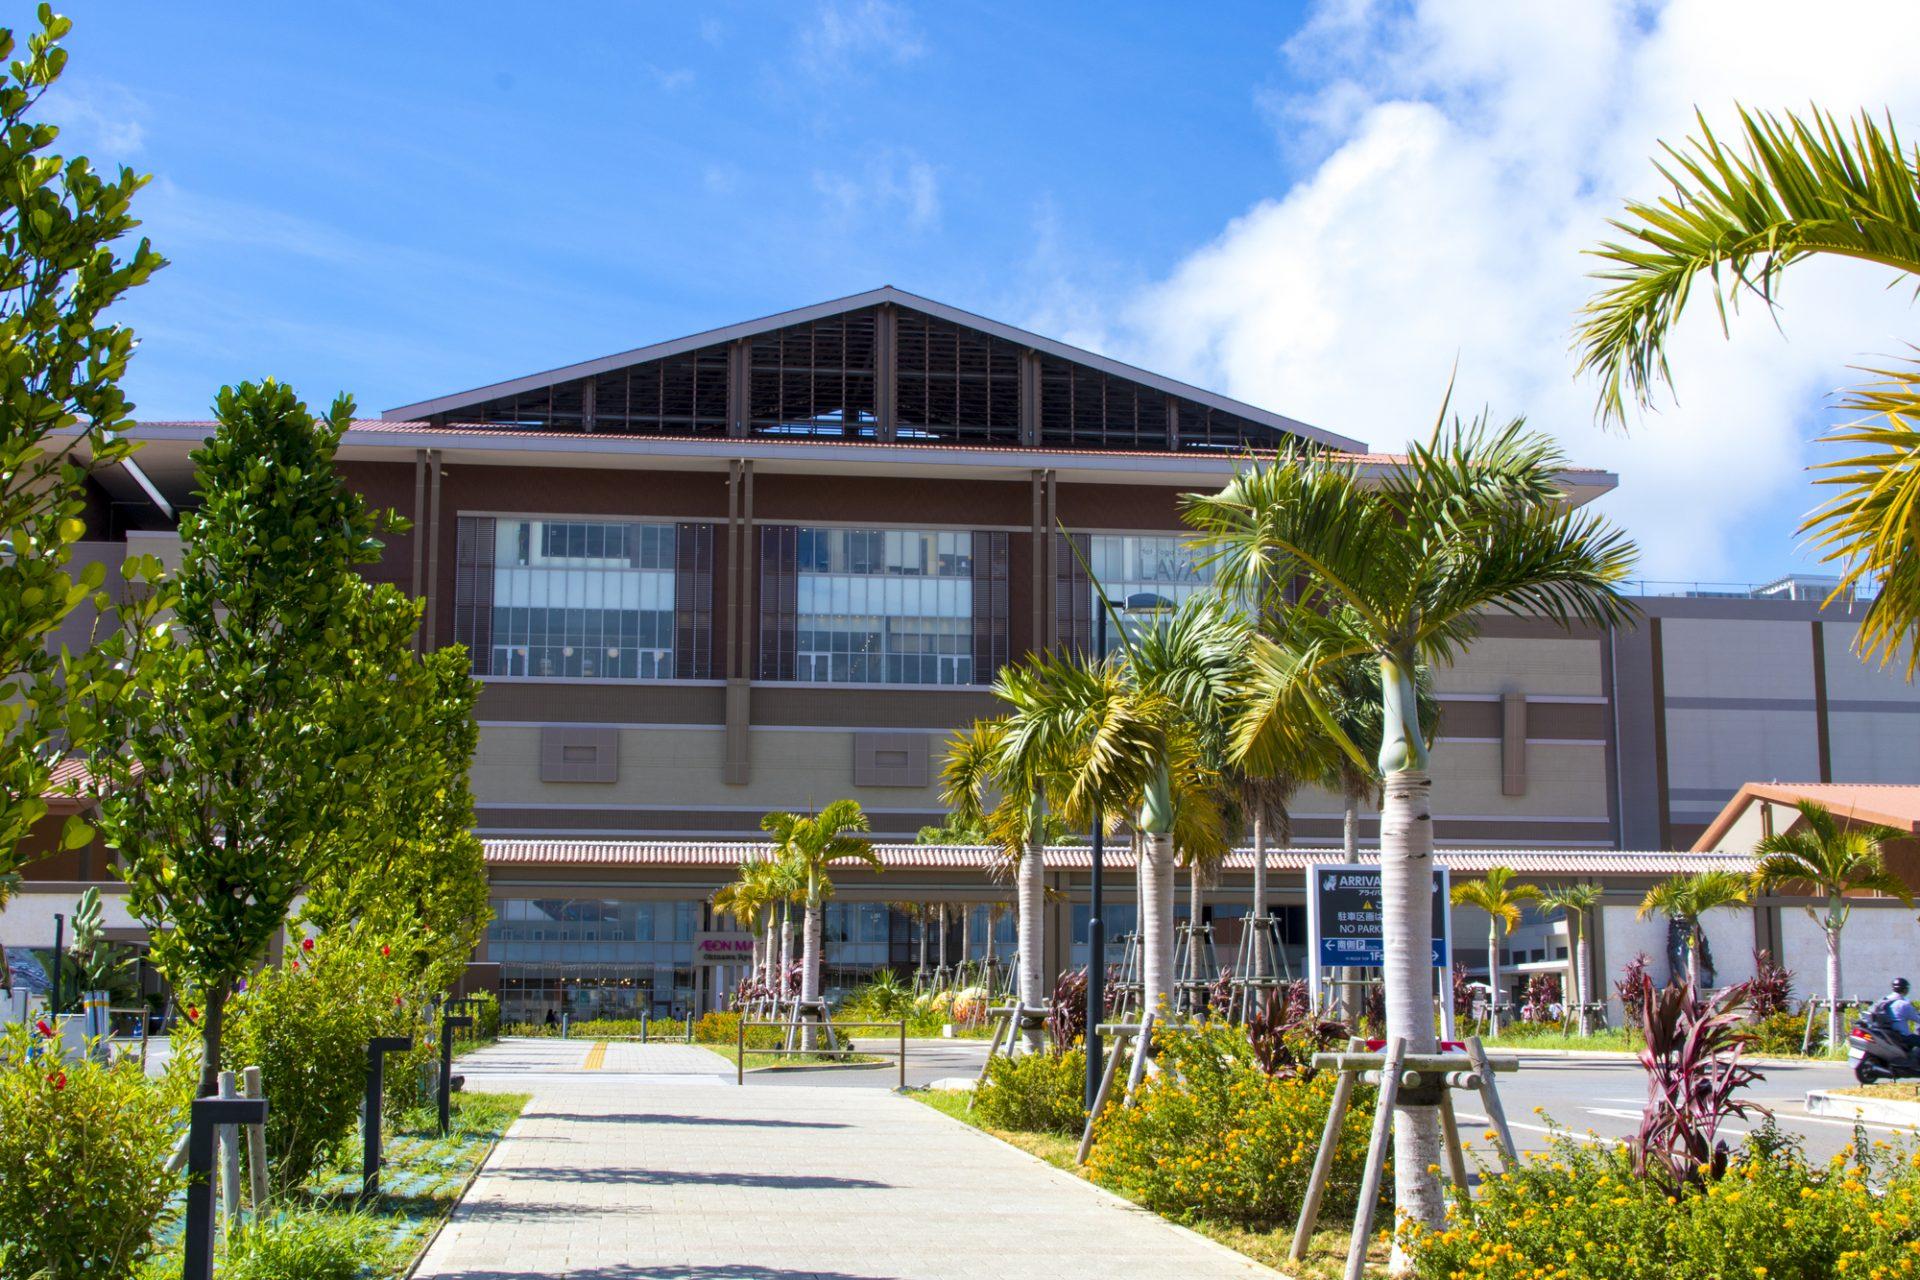 雨の日の観光におすすめ!沖縄中部「イオンモール沖縄ライカム」